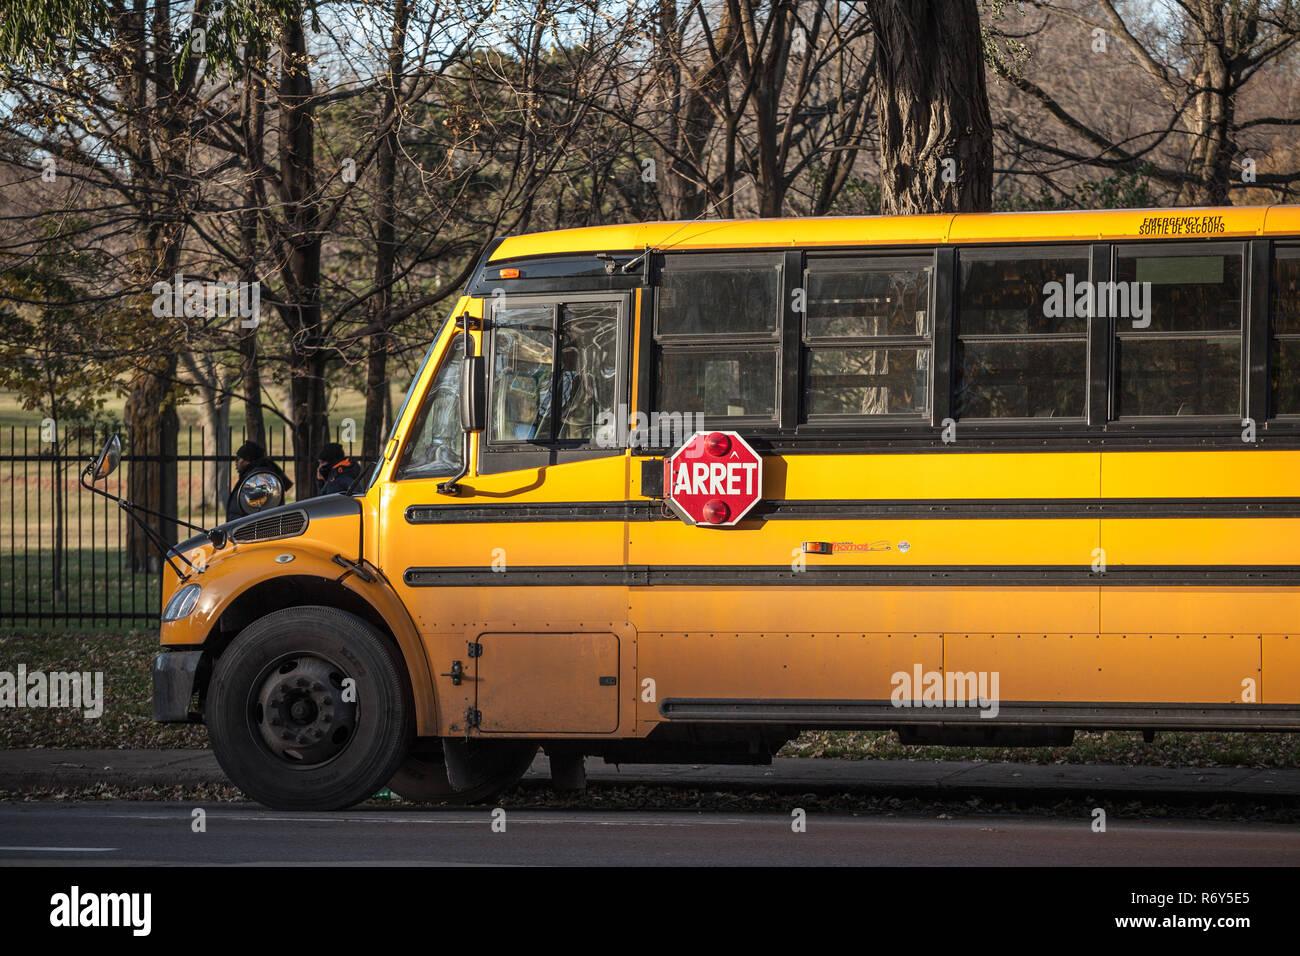 MONTREAL, Canadá - 4 de noviembre de 2018: North American autobús escolar amarillo aparcado, esperando a los estudiantes, con el texto traducido en francés, según F Foto de stock